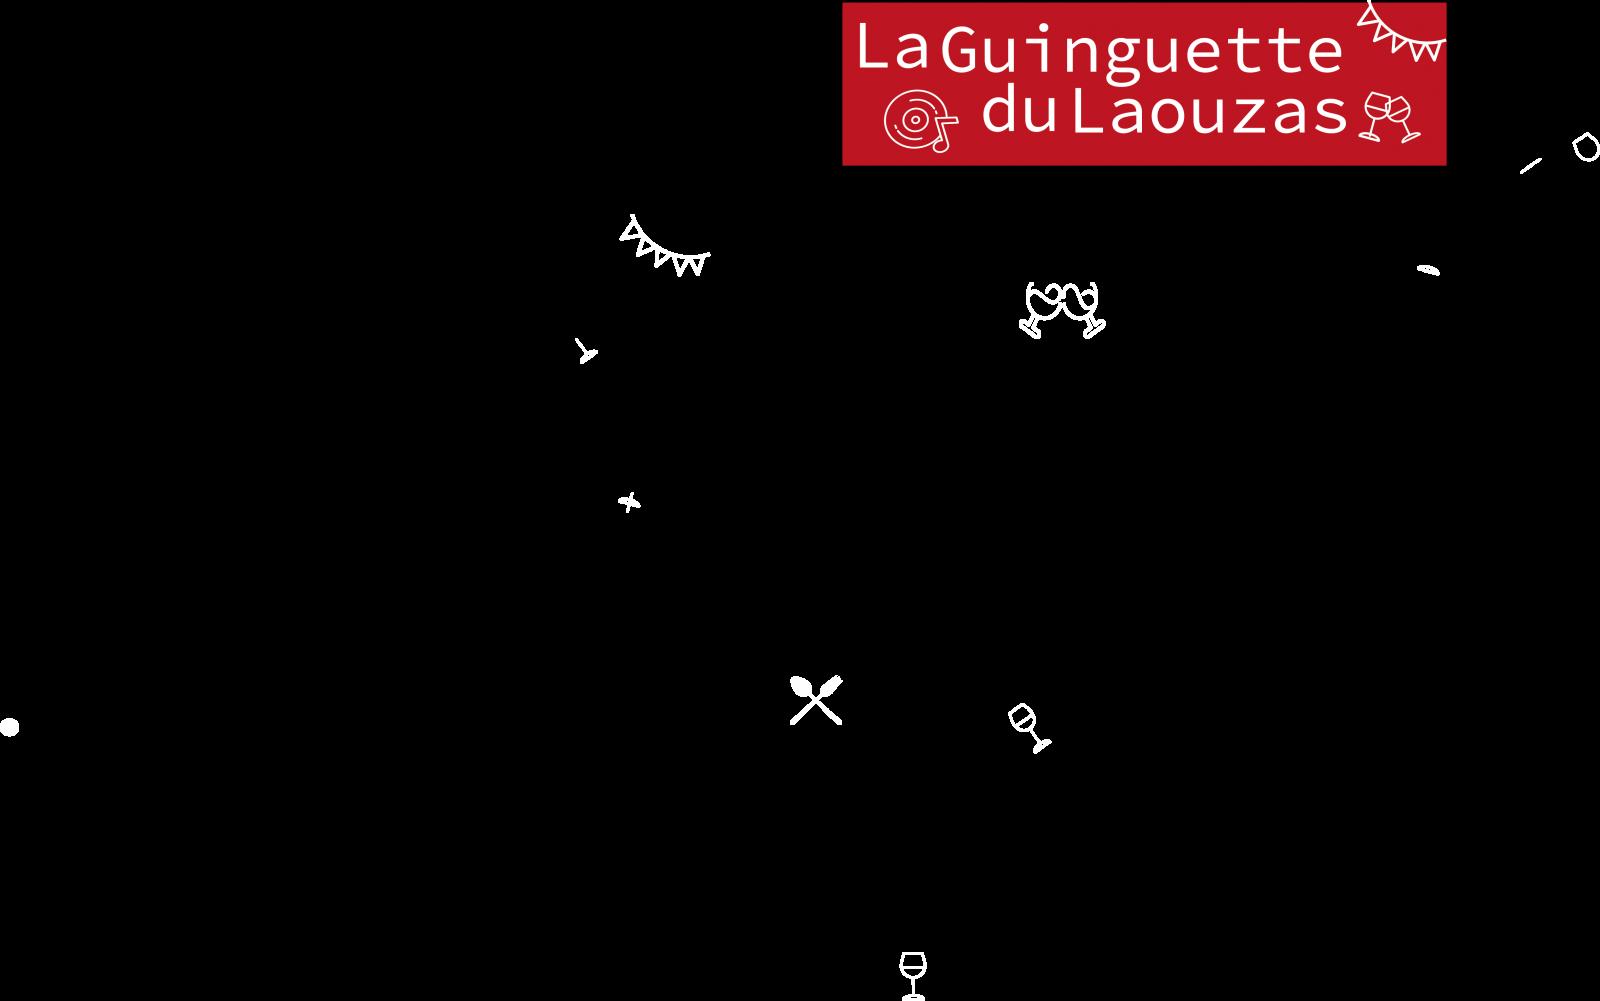 La Guinguette du Laouzas